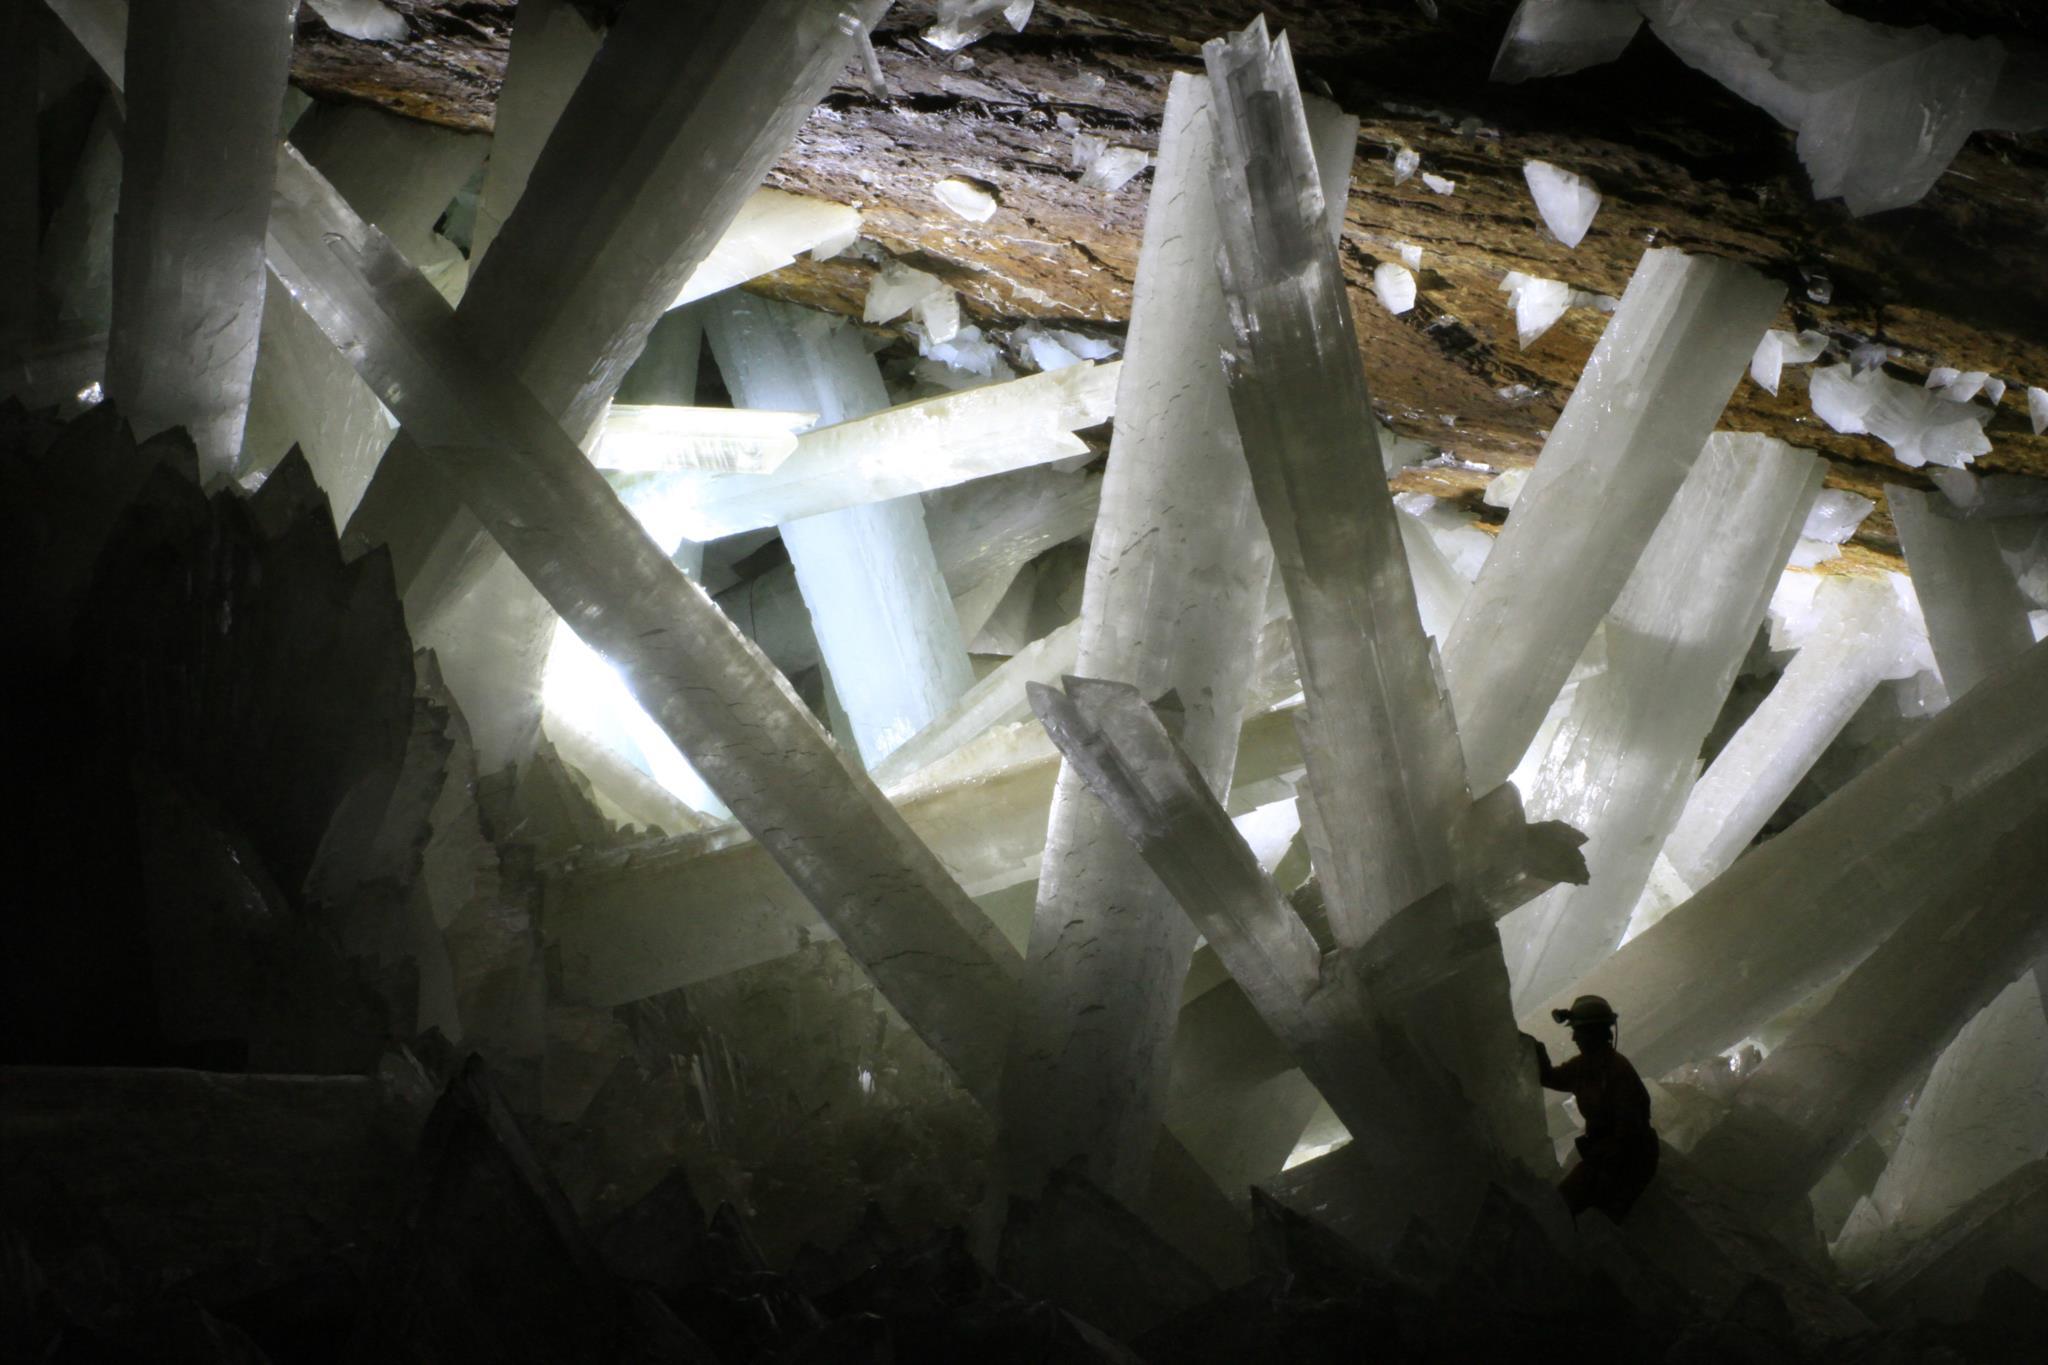 Os microorganismos foram encontrados em fluidos encapsulados nos cristais gigantes da gruta de Naica